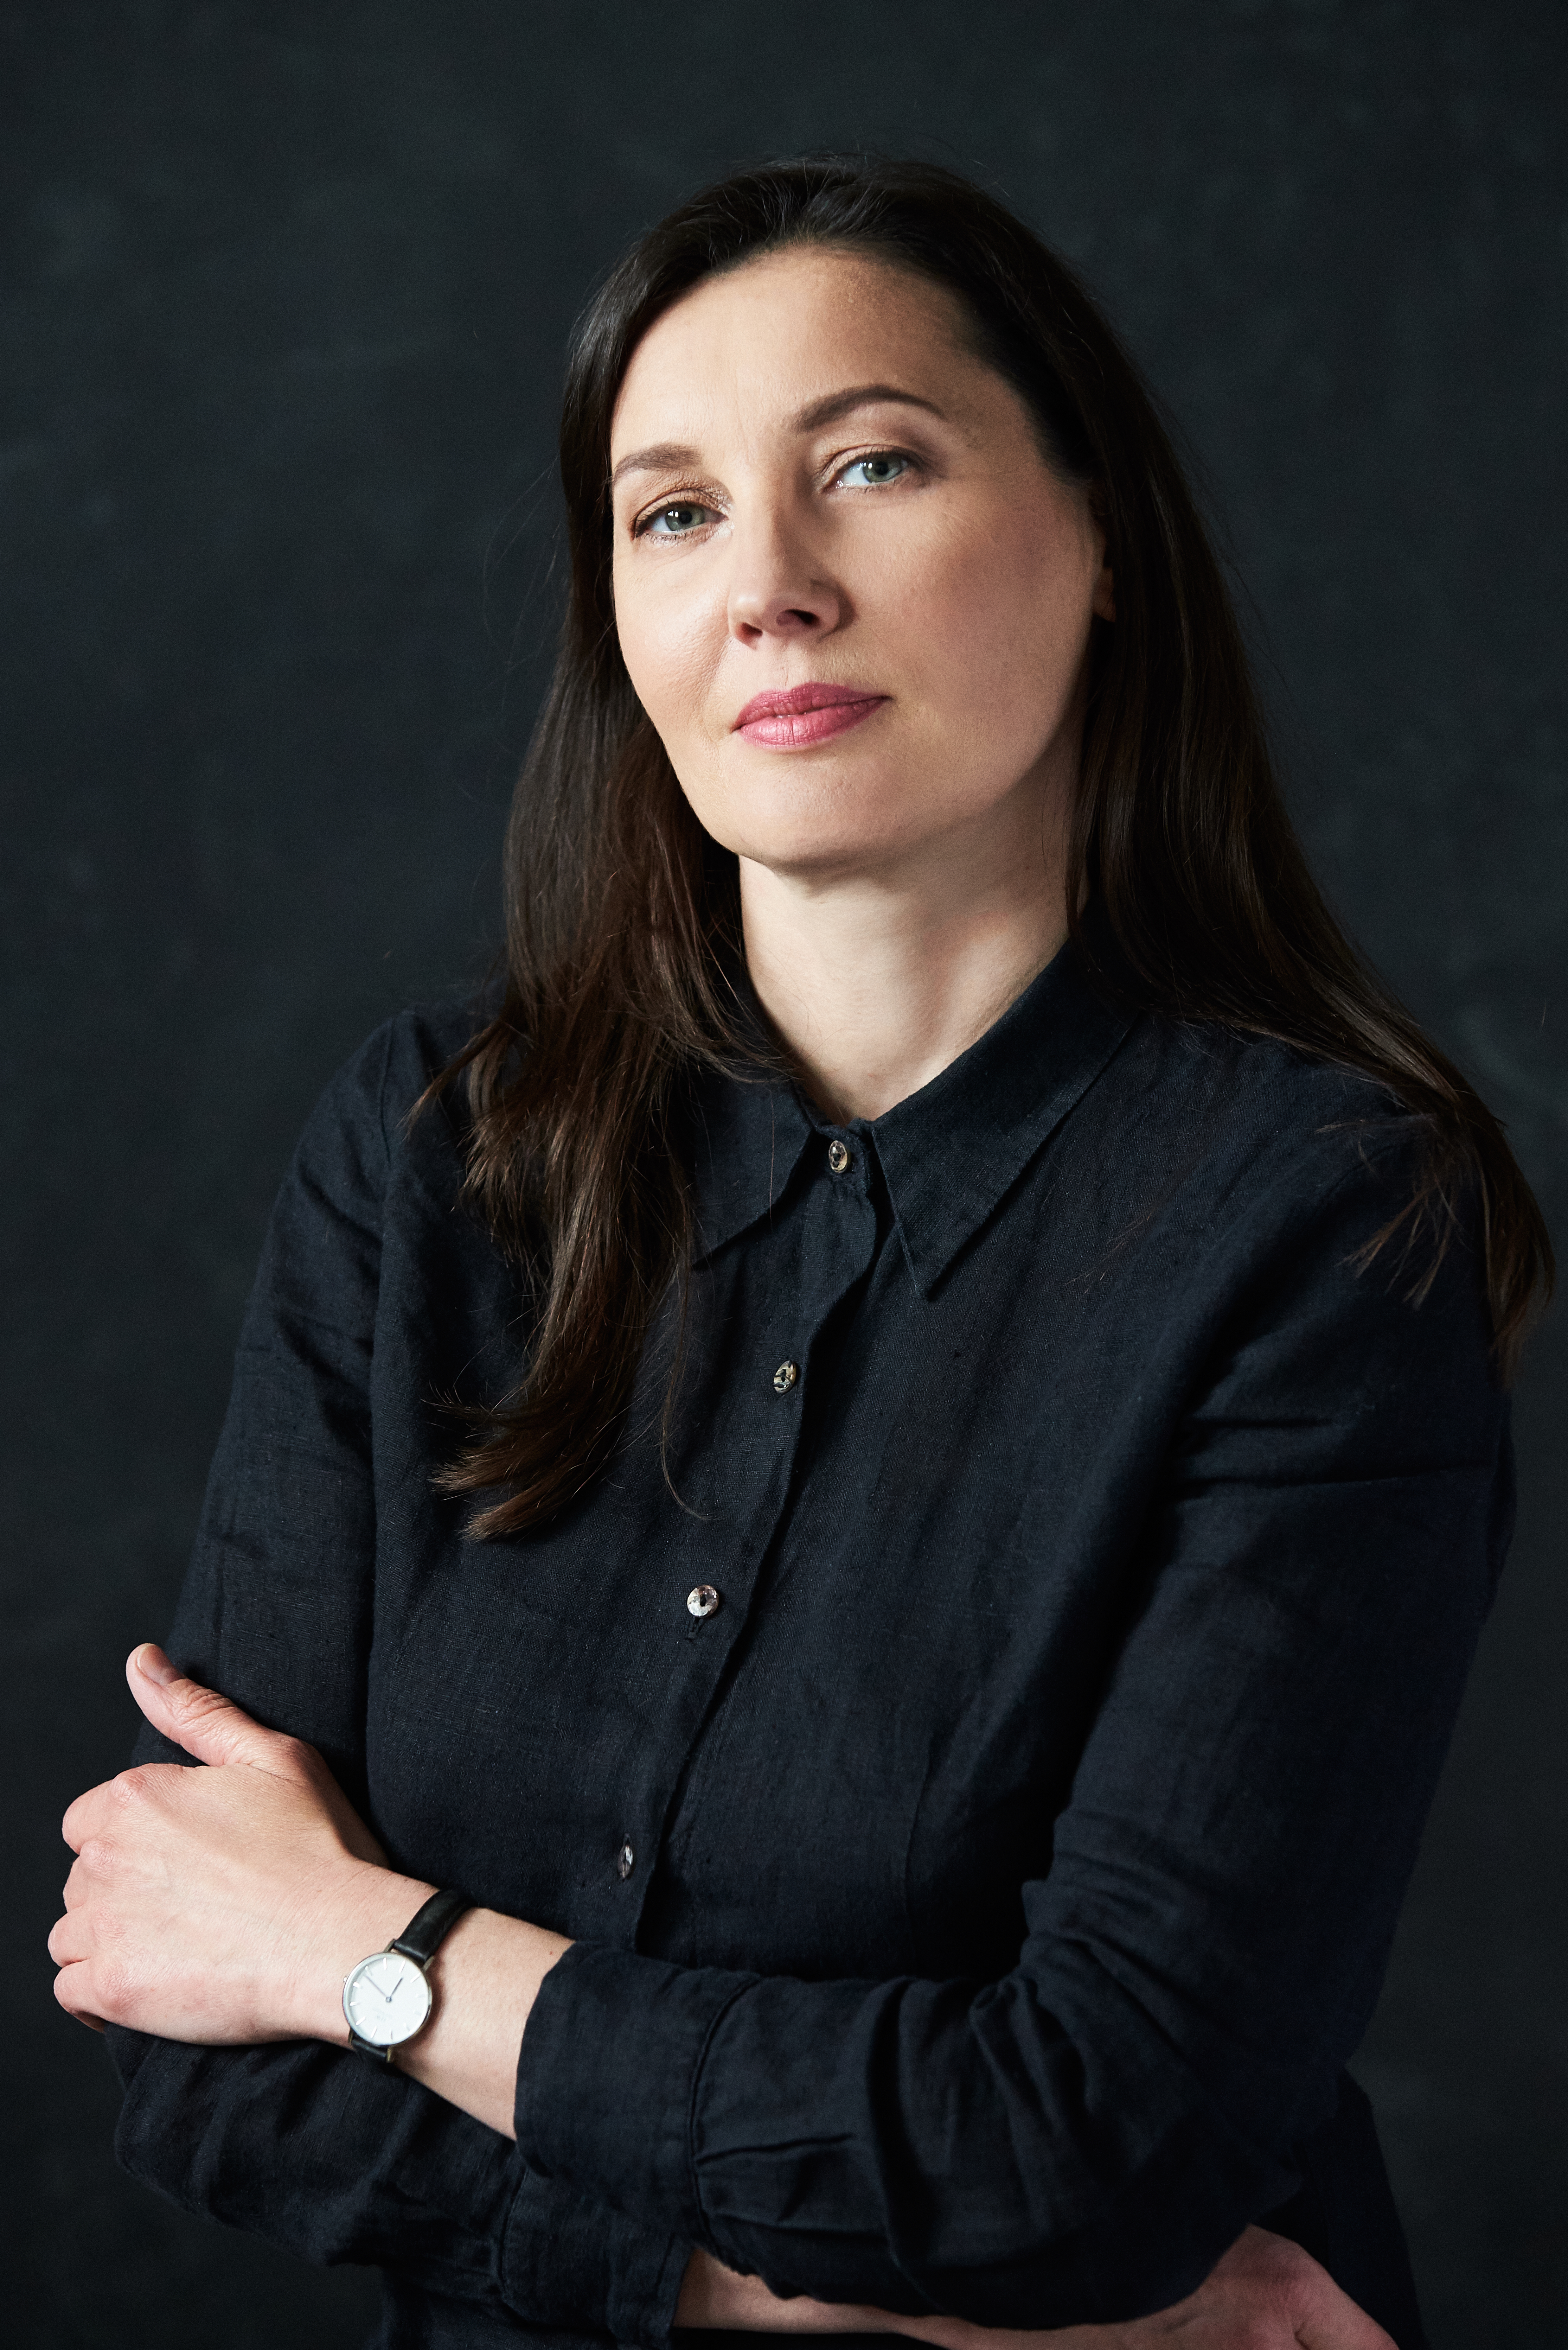 Silvija Juozelskytė-Vaičiulienė